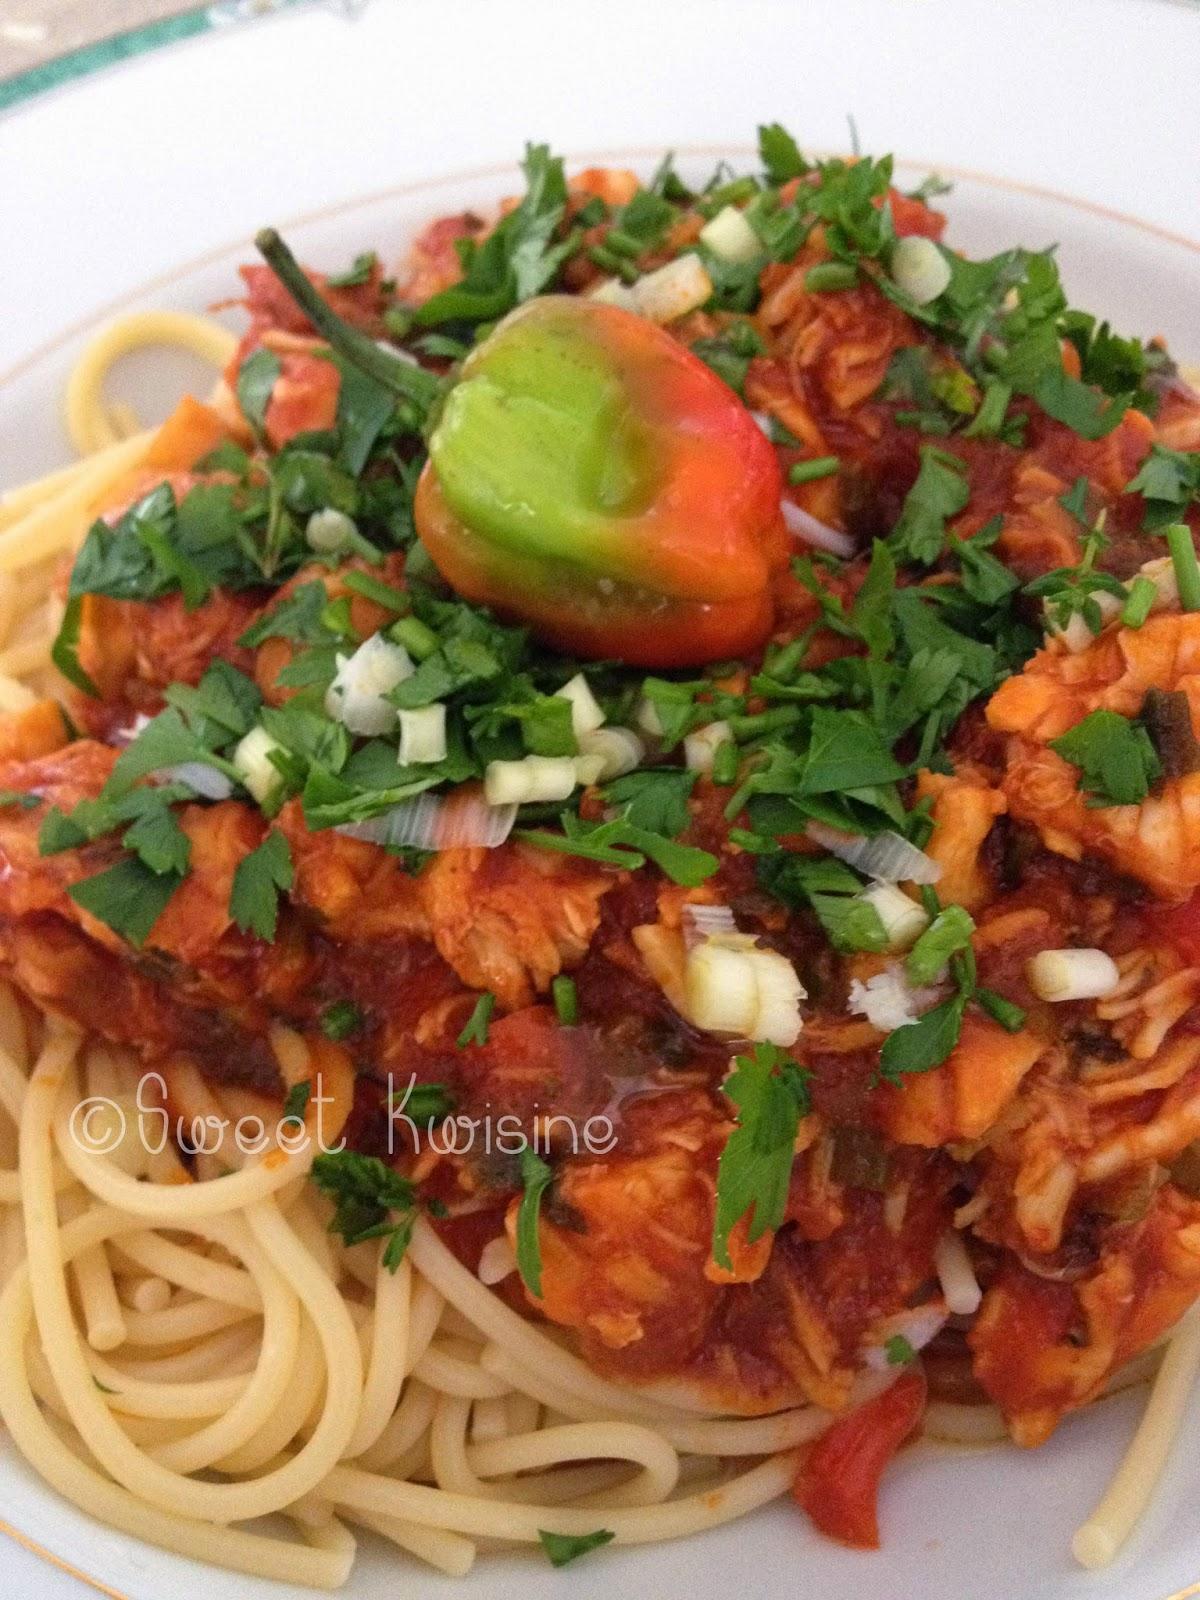 sweet kwisine, pâtes, langoustes, langoustes brésiliennes, spaghettis, sauce tomates, bouquet garni, cuisine antillaise